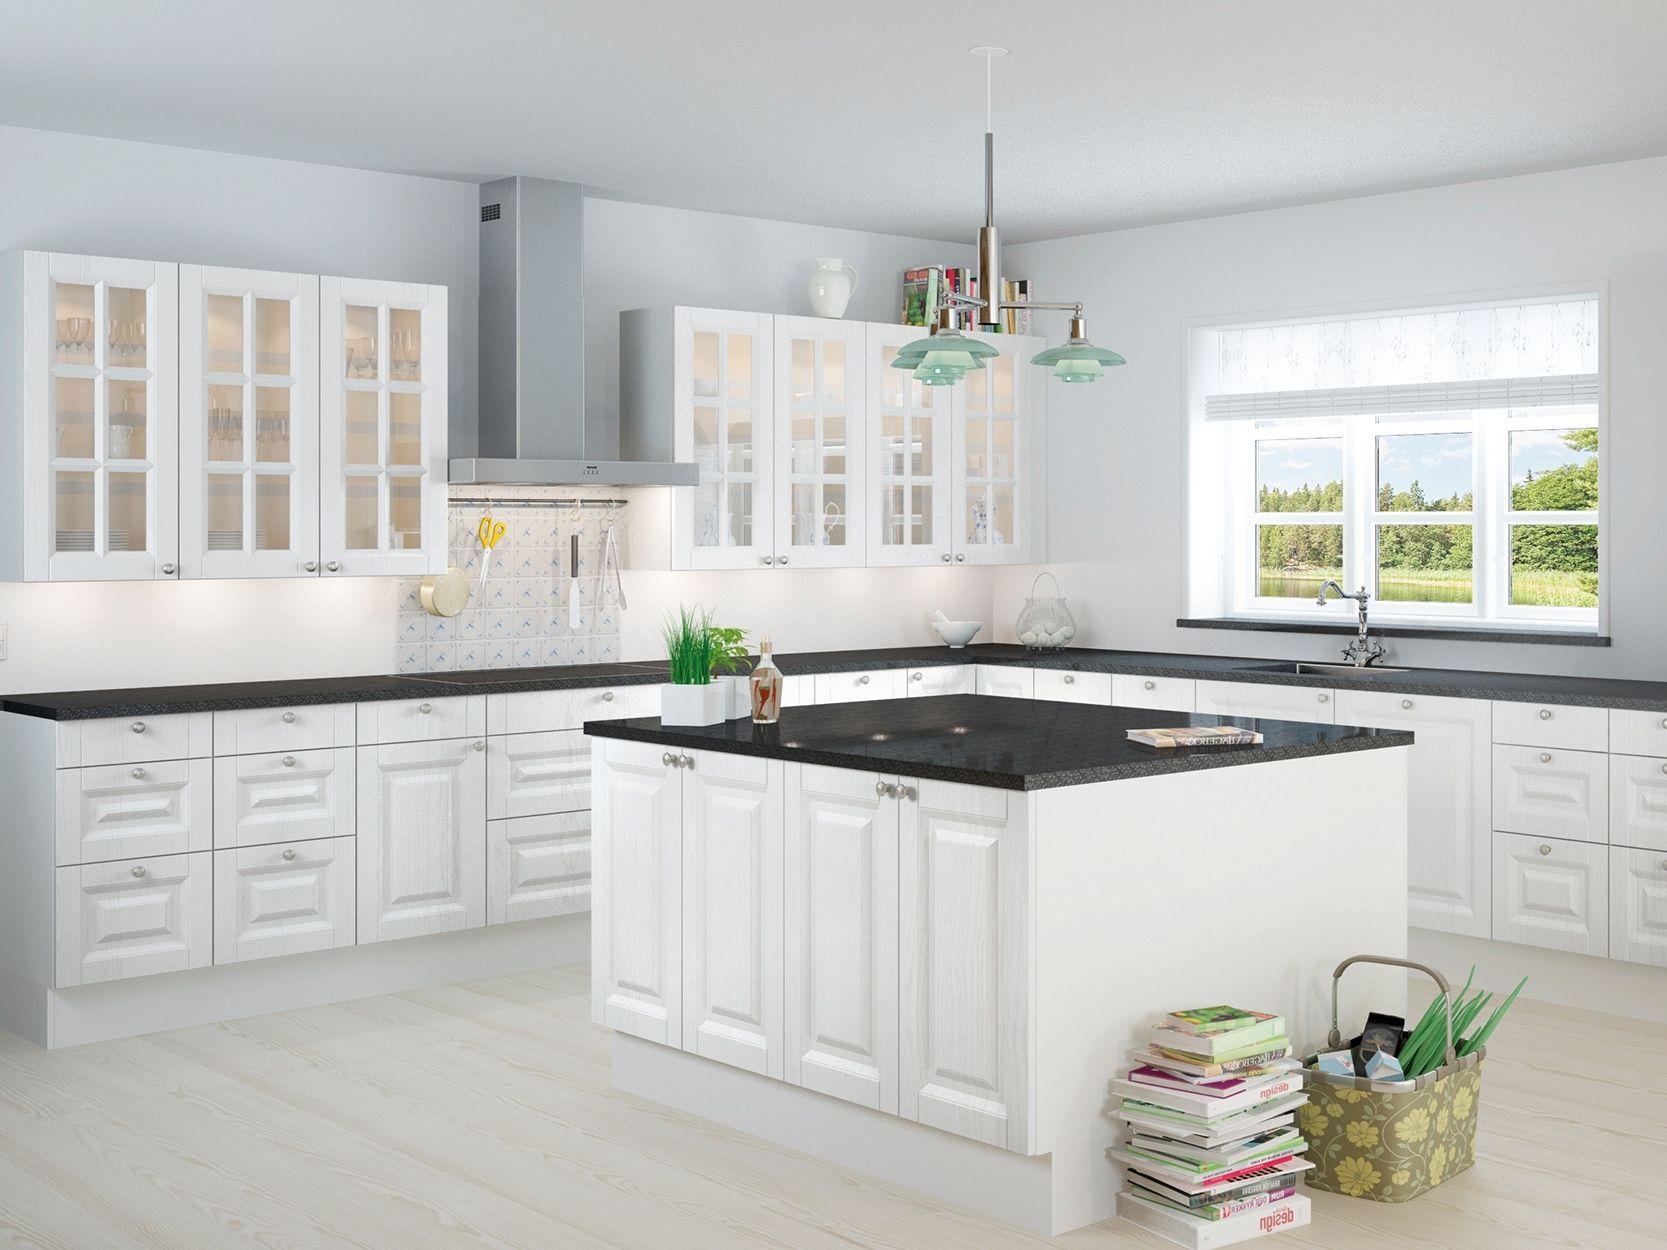 Küche Decke Lichter Ideen Rustikale Insel Beleuchtung Küche ...